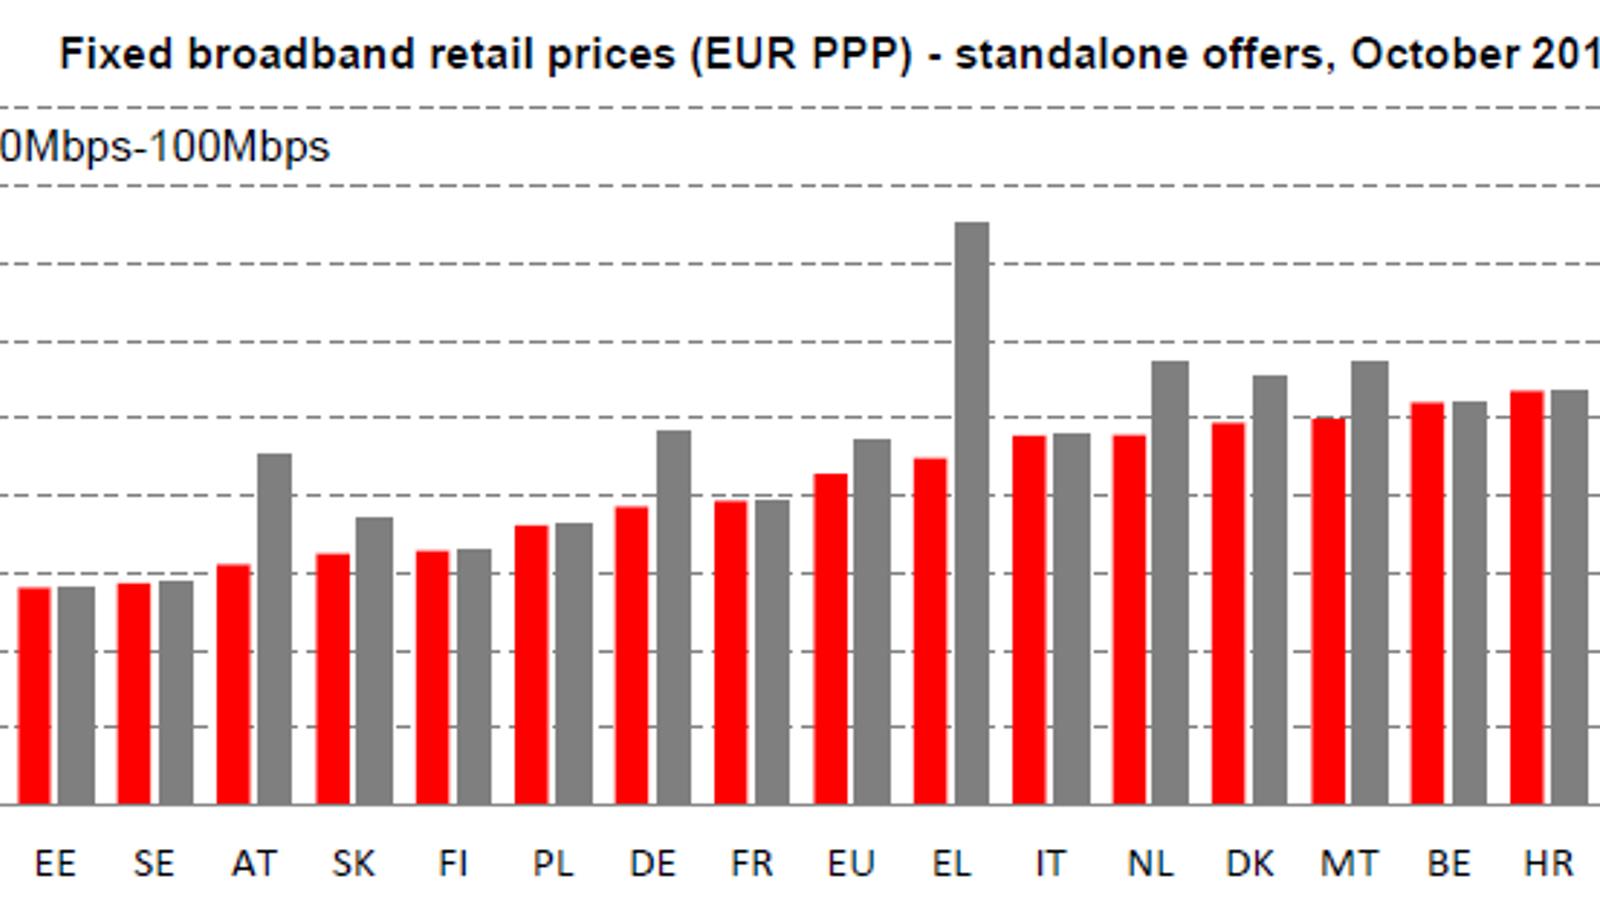 Espanya continua sent el segon país de la UE  amb la banda ampla més cara